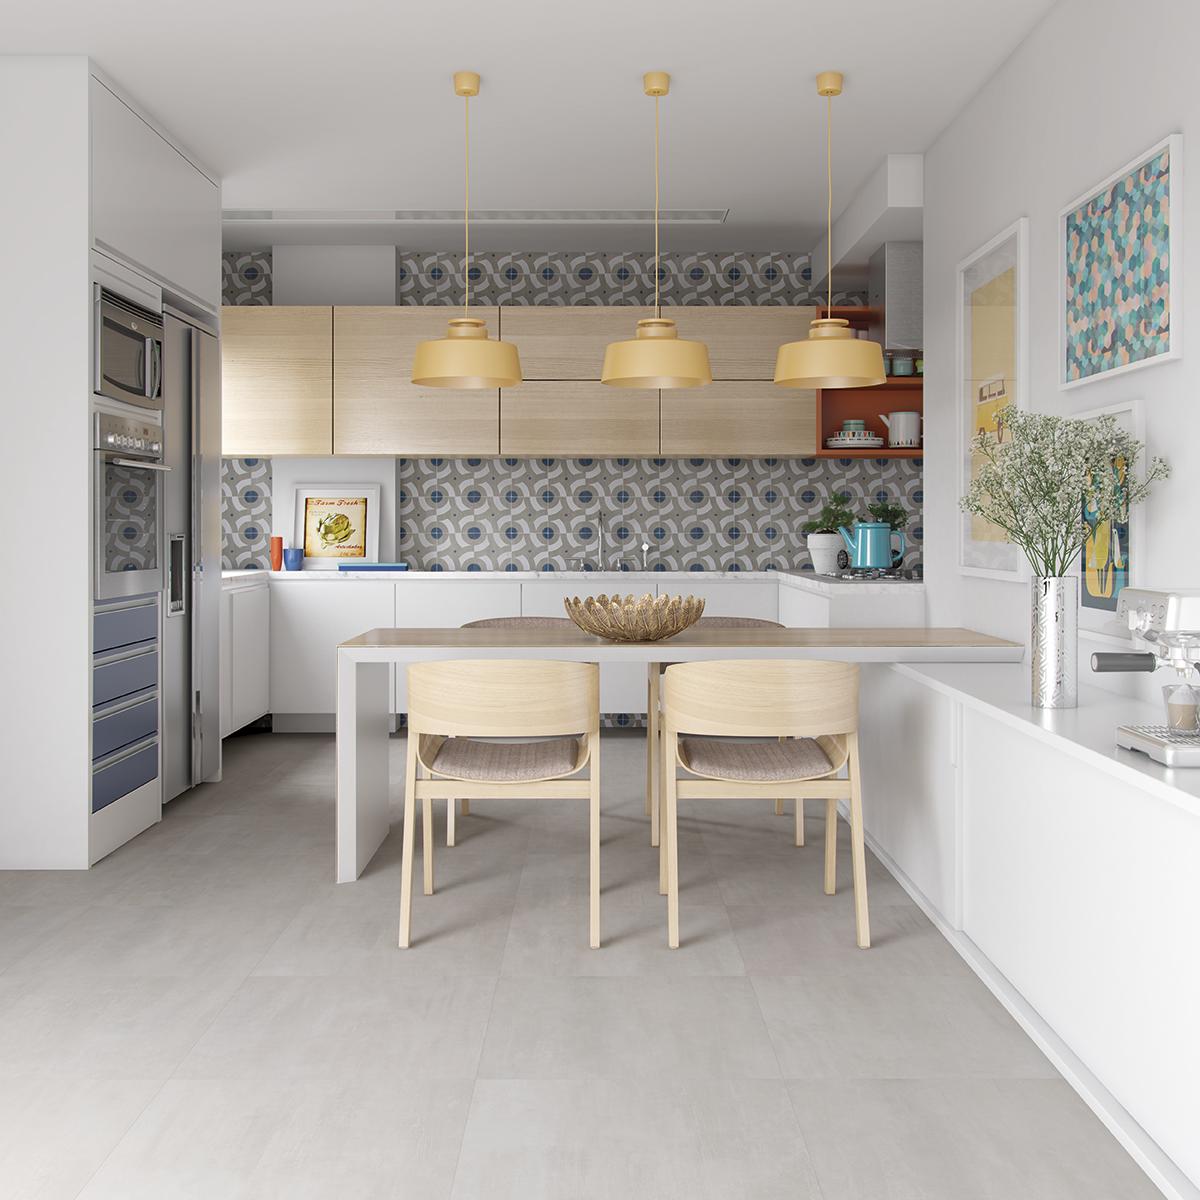 Modern Contemporary Urban Design Kitchen Room Dining: Urban Modern - 60x60 Studio Grigio - 63x63